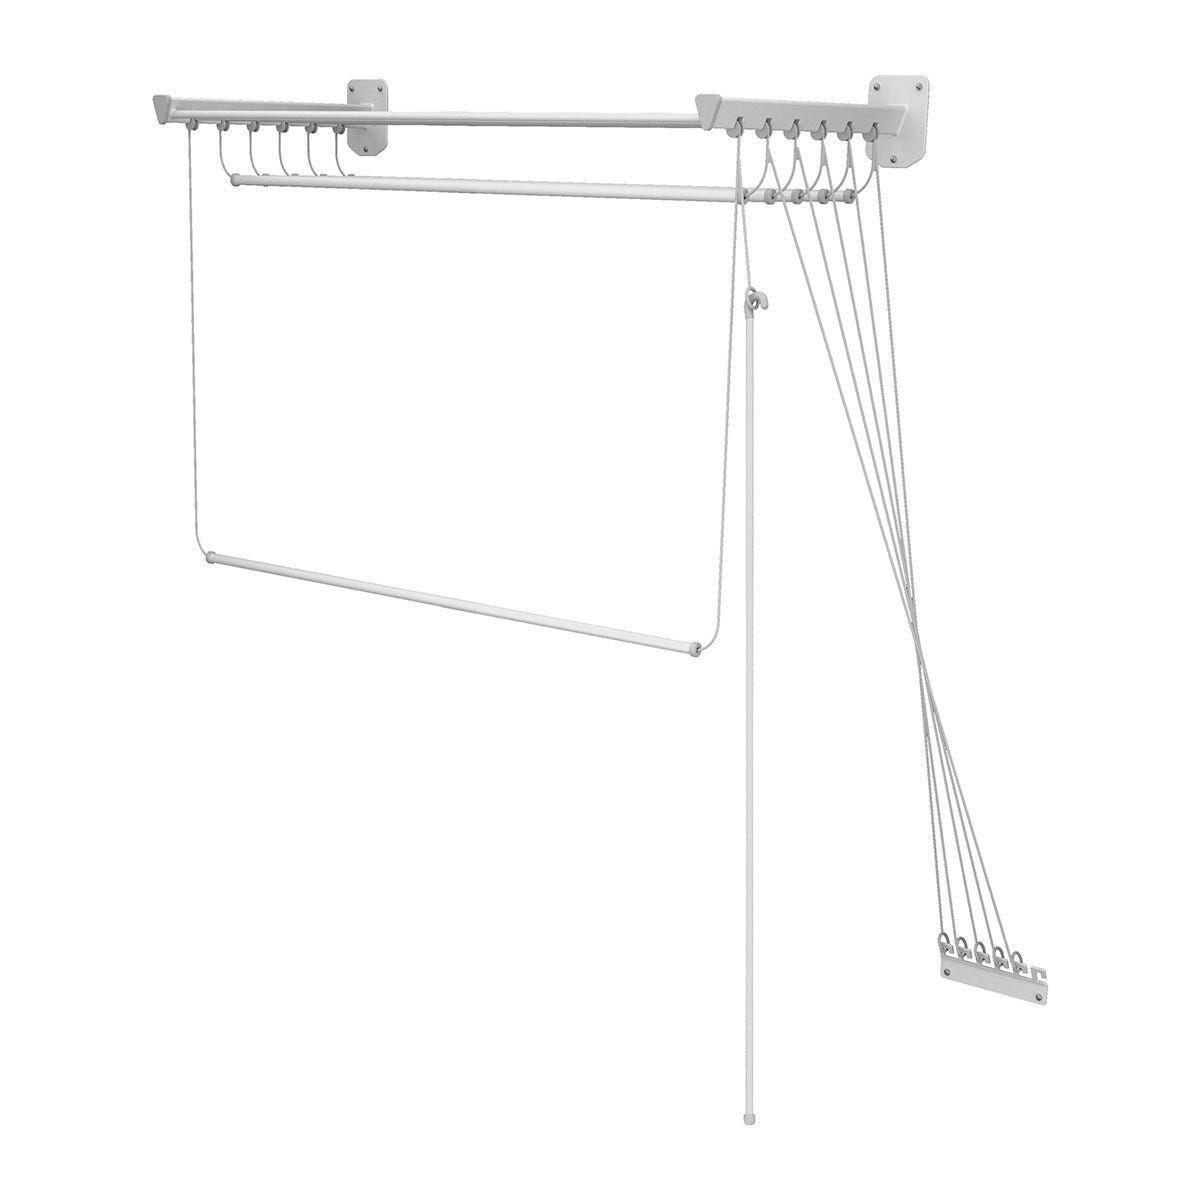 colombo new scal stendibiancheria sali scendi 120 cm fissaggio soffitto o muro acciaio verniciato bianco